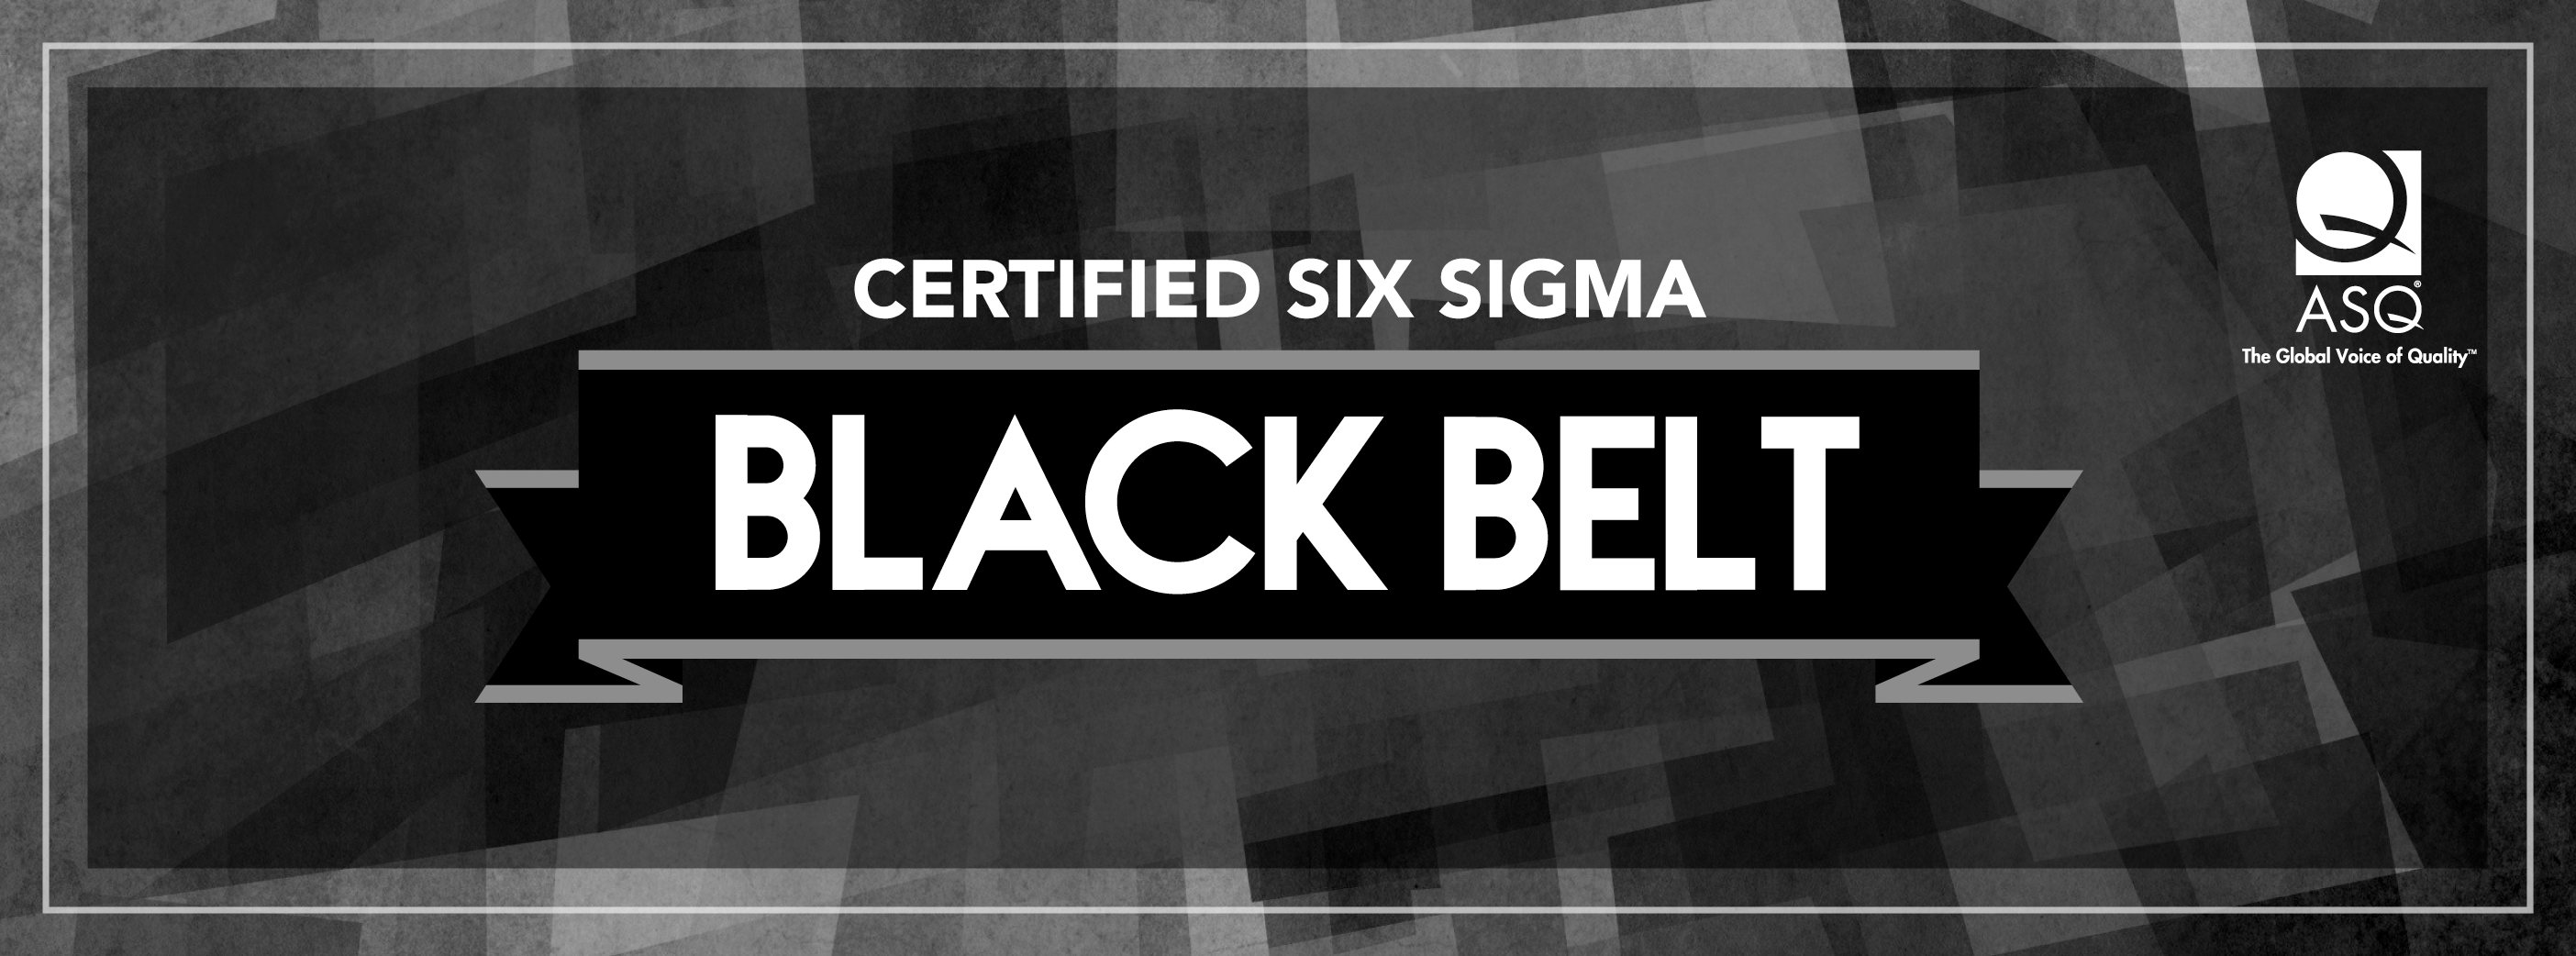 portada-black-belt